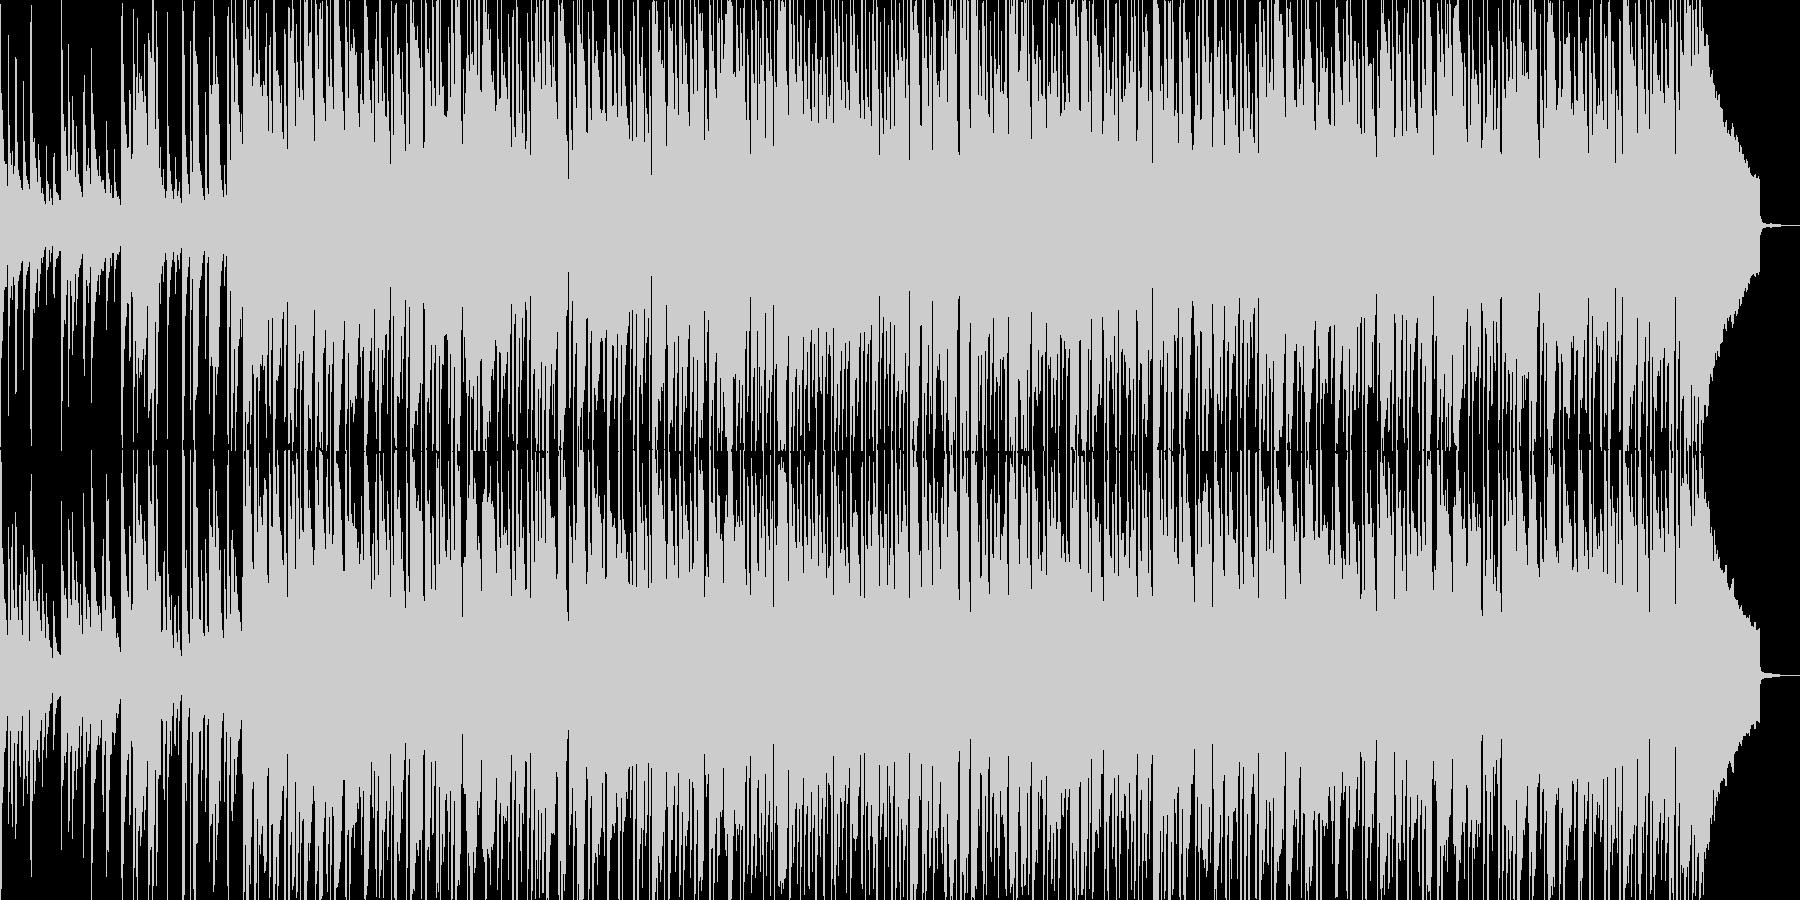 琴の音をフィーチャーした和風なBGMの未再生の波形